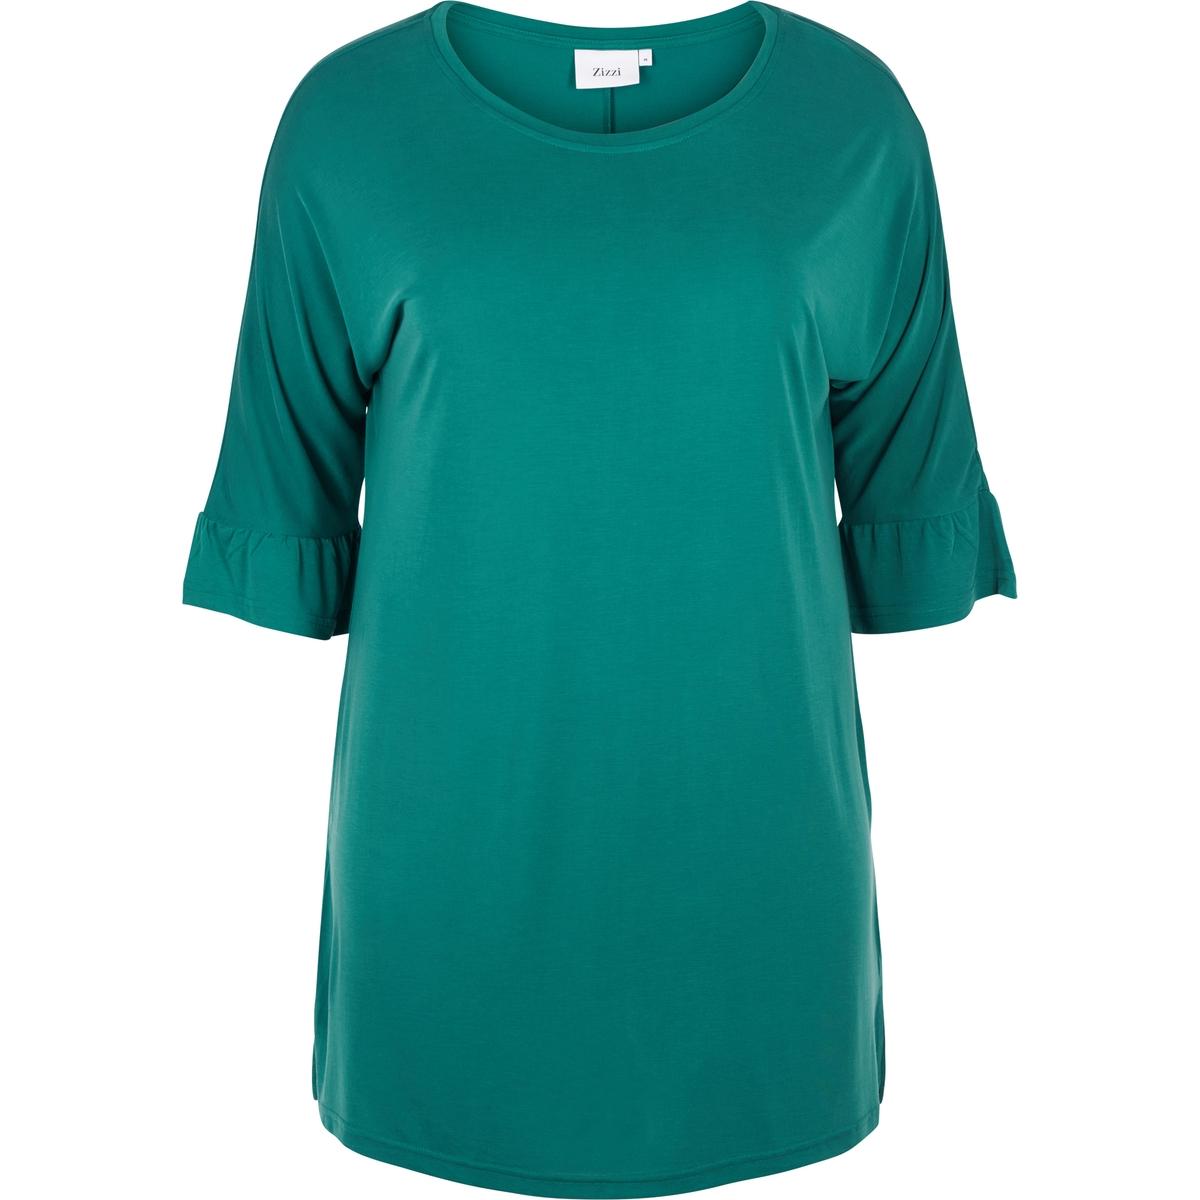 Блузка однотонная с круглым вырезом, с короткими рукавами блузка с круглым вырезом и короткими рукавами